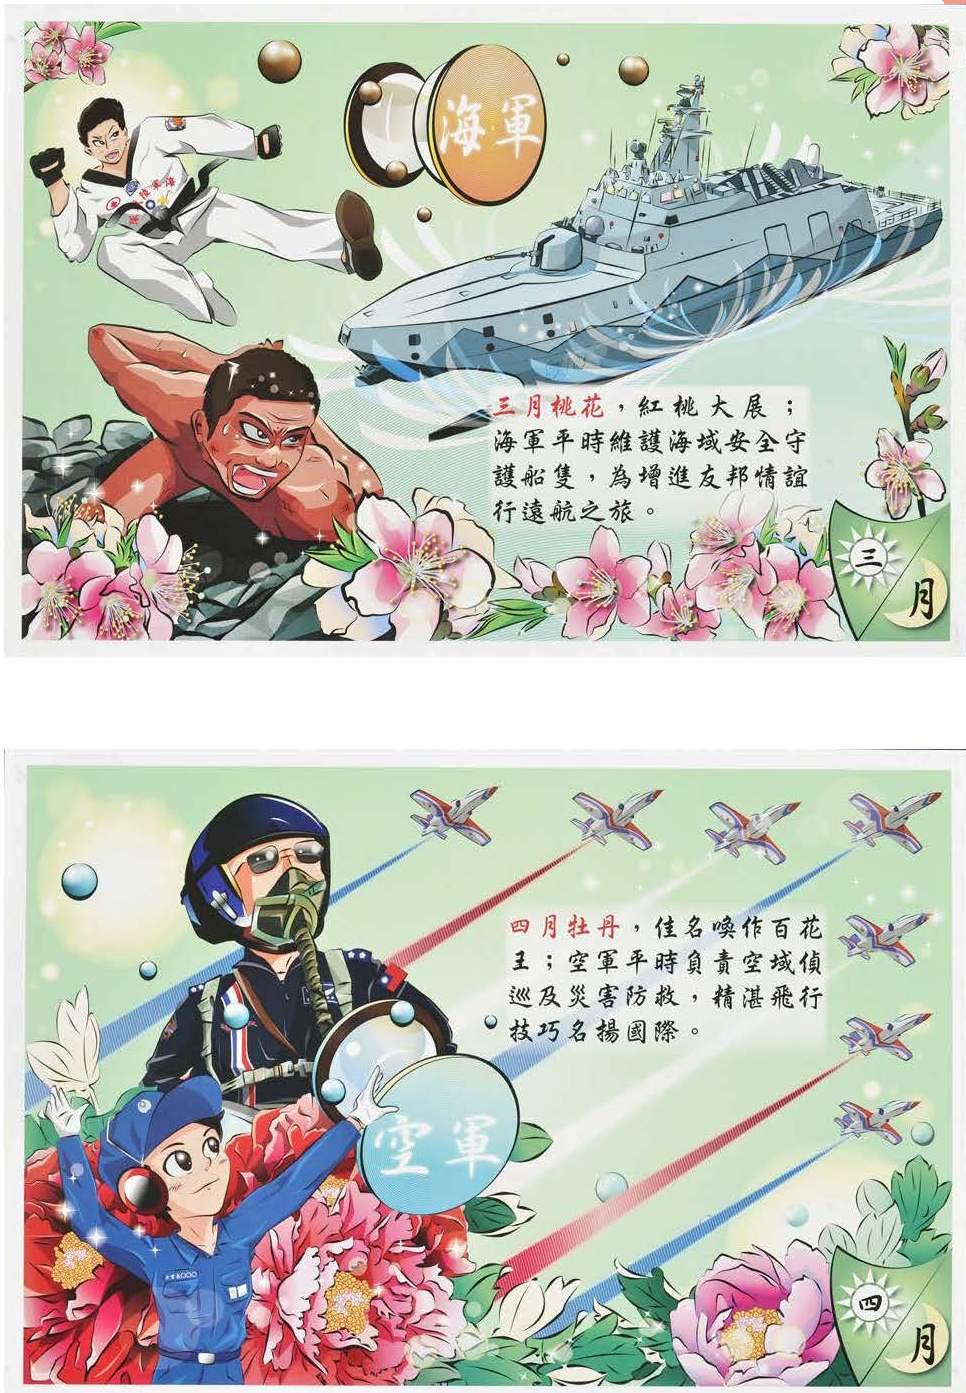 第50屆漫畫類銅像獎作品_傳承‧花月令3_蘇元津.jpg